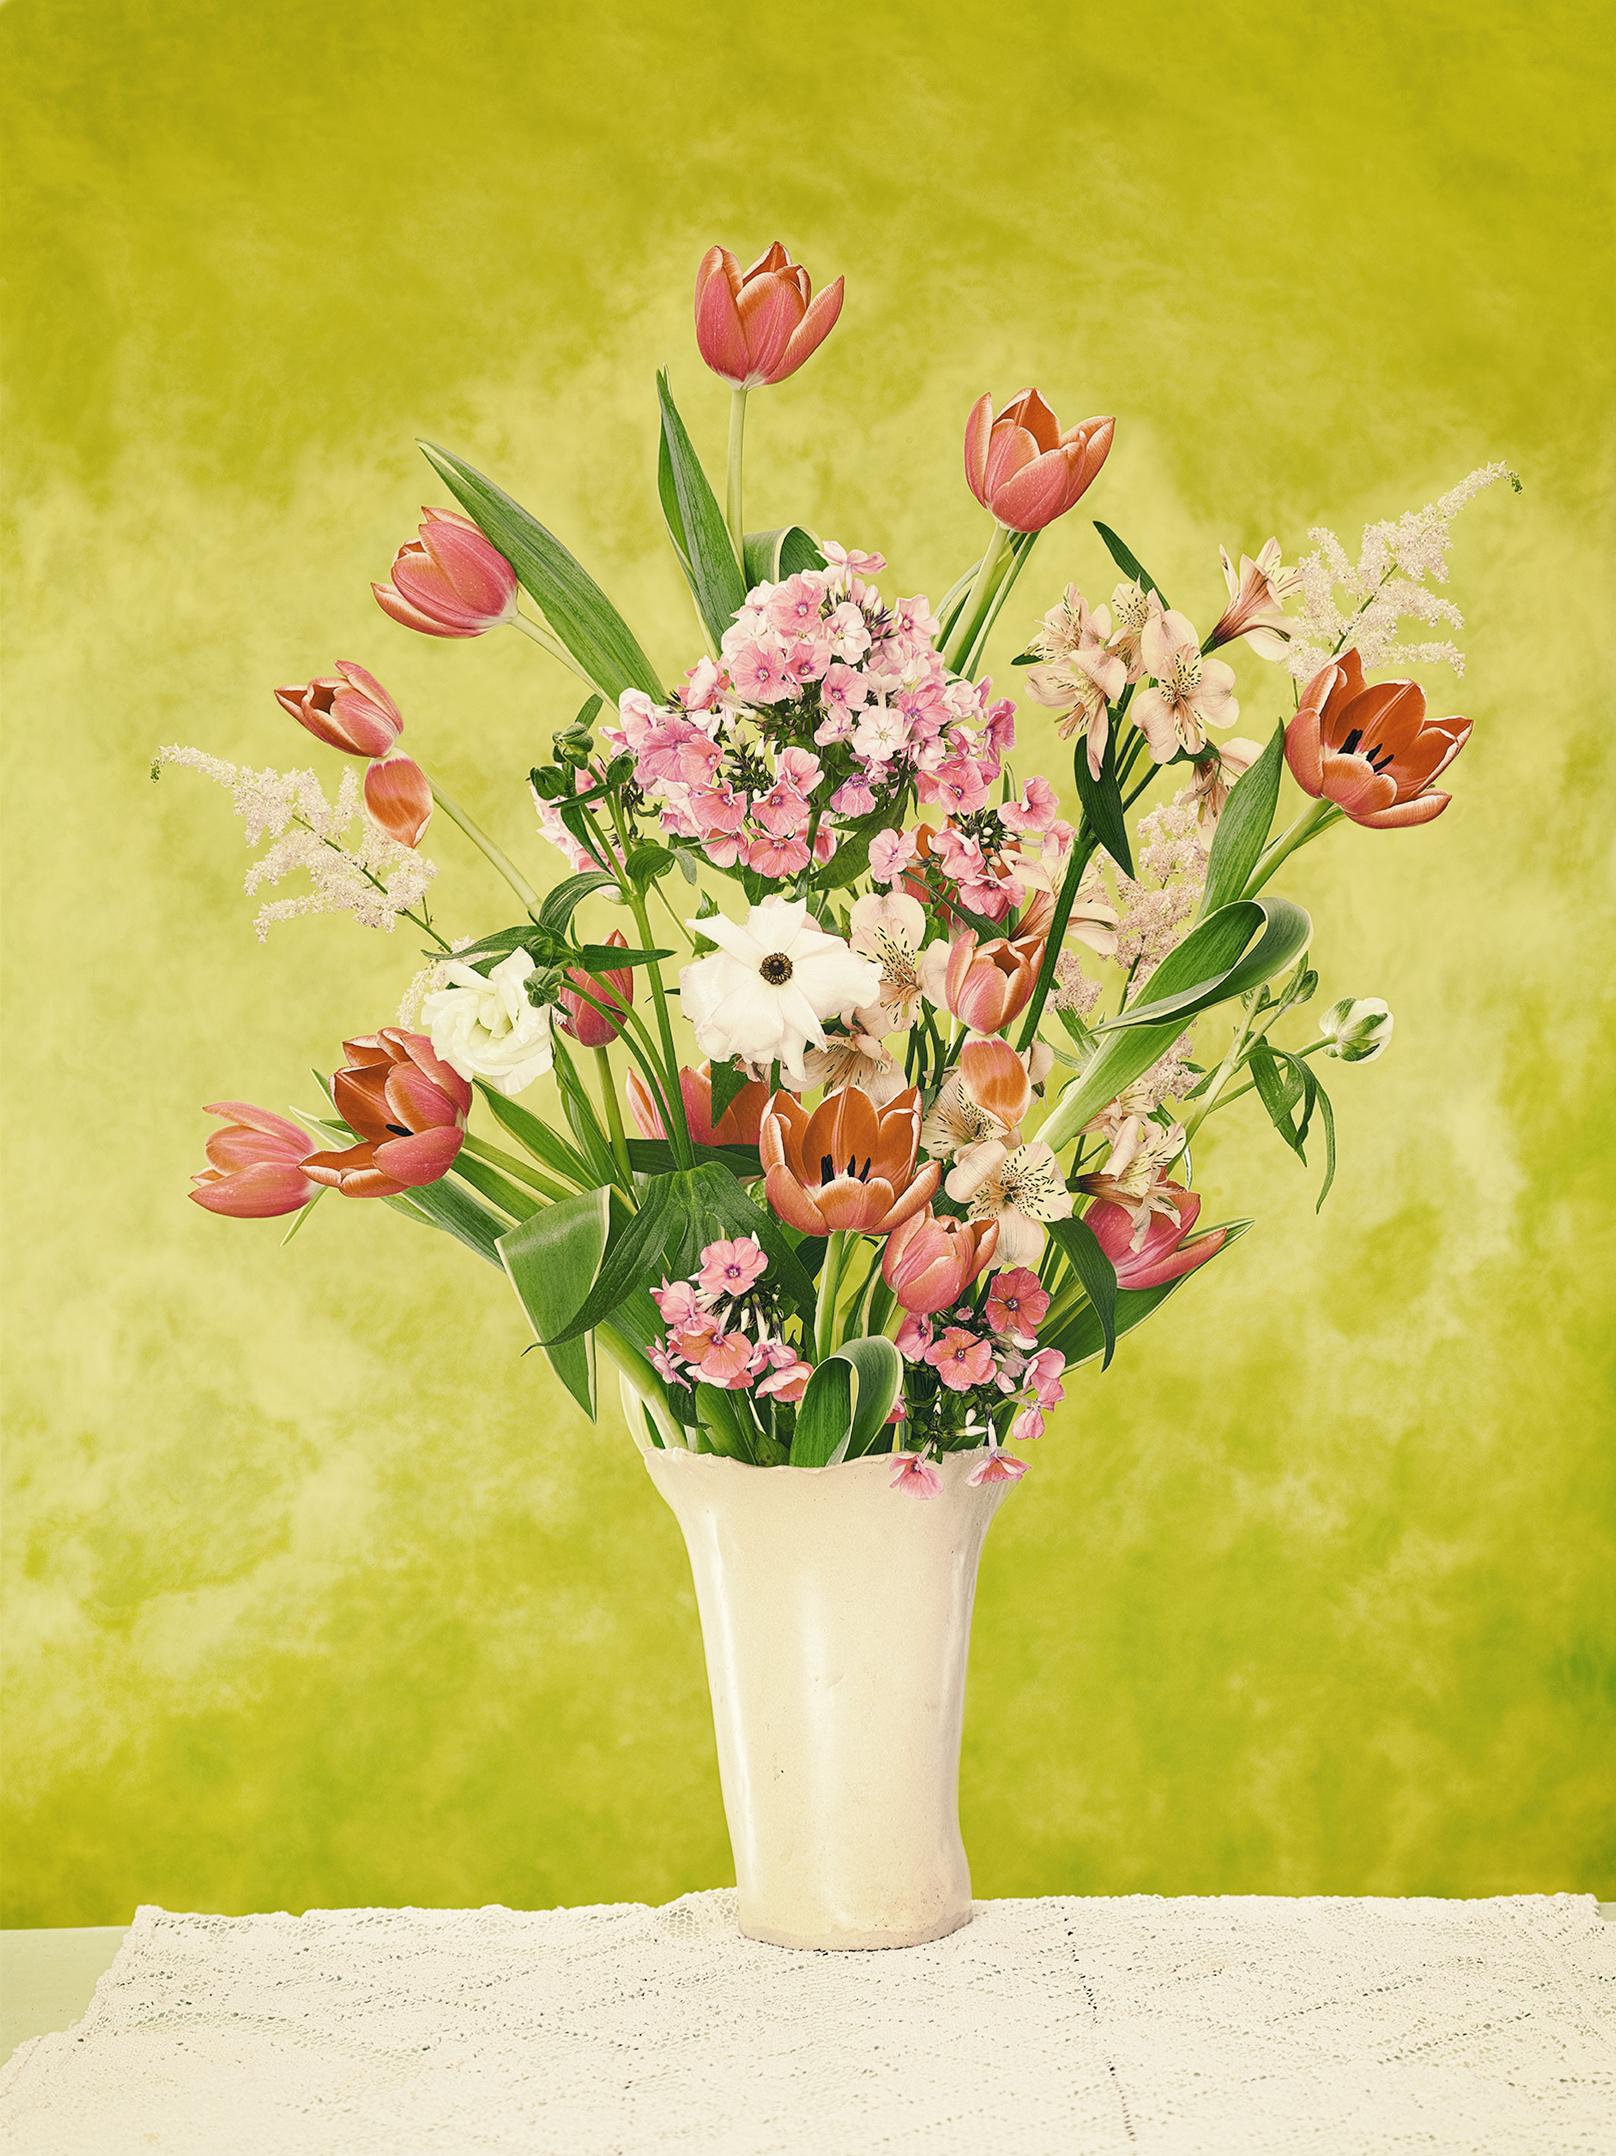 Sundstroem Flower Power